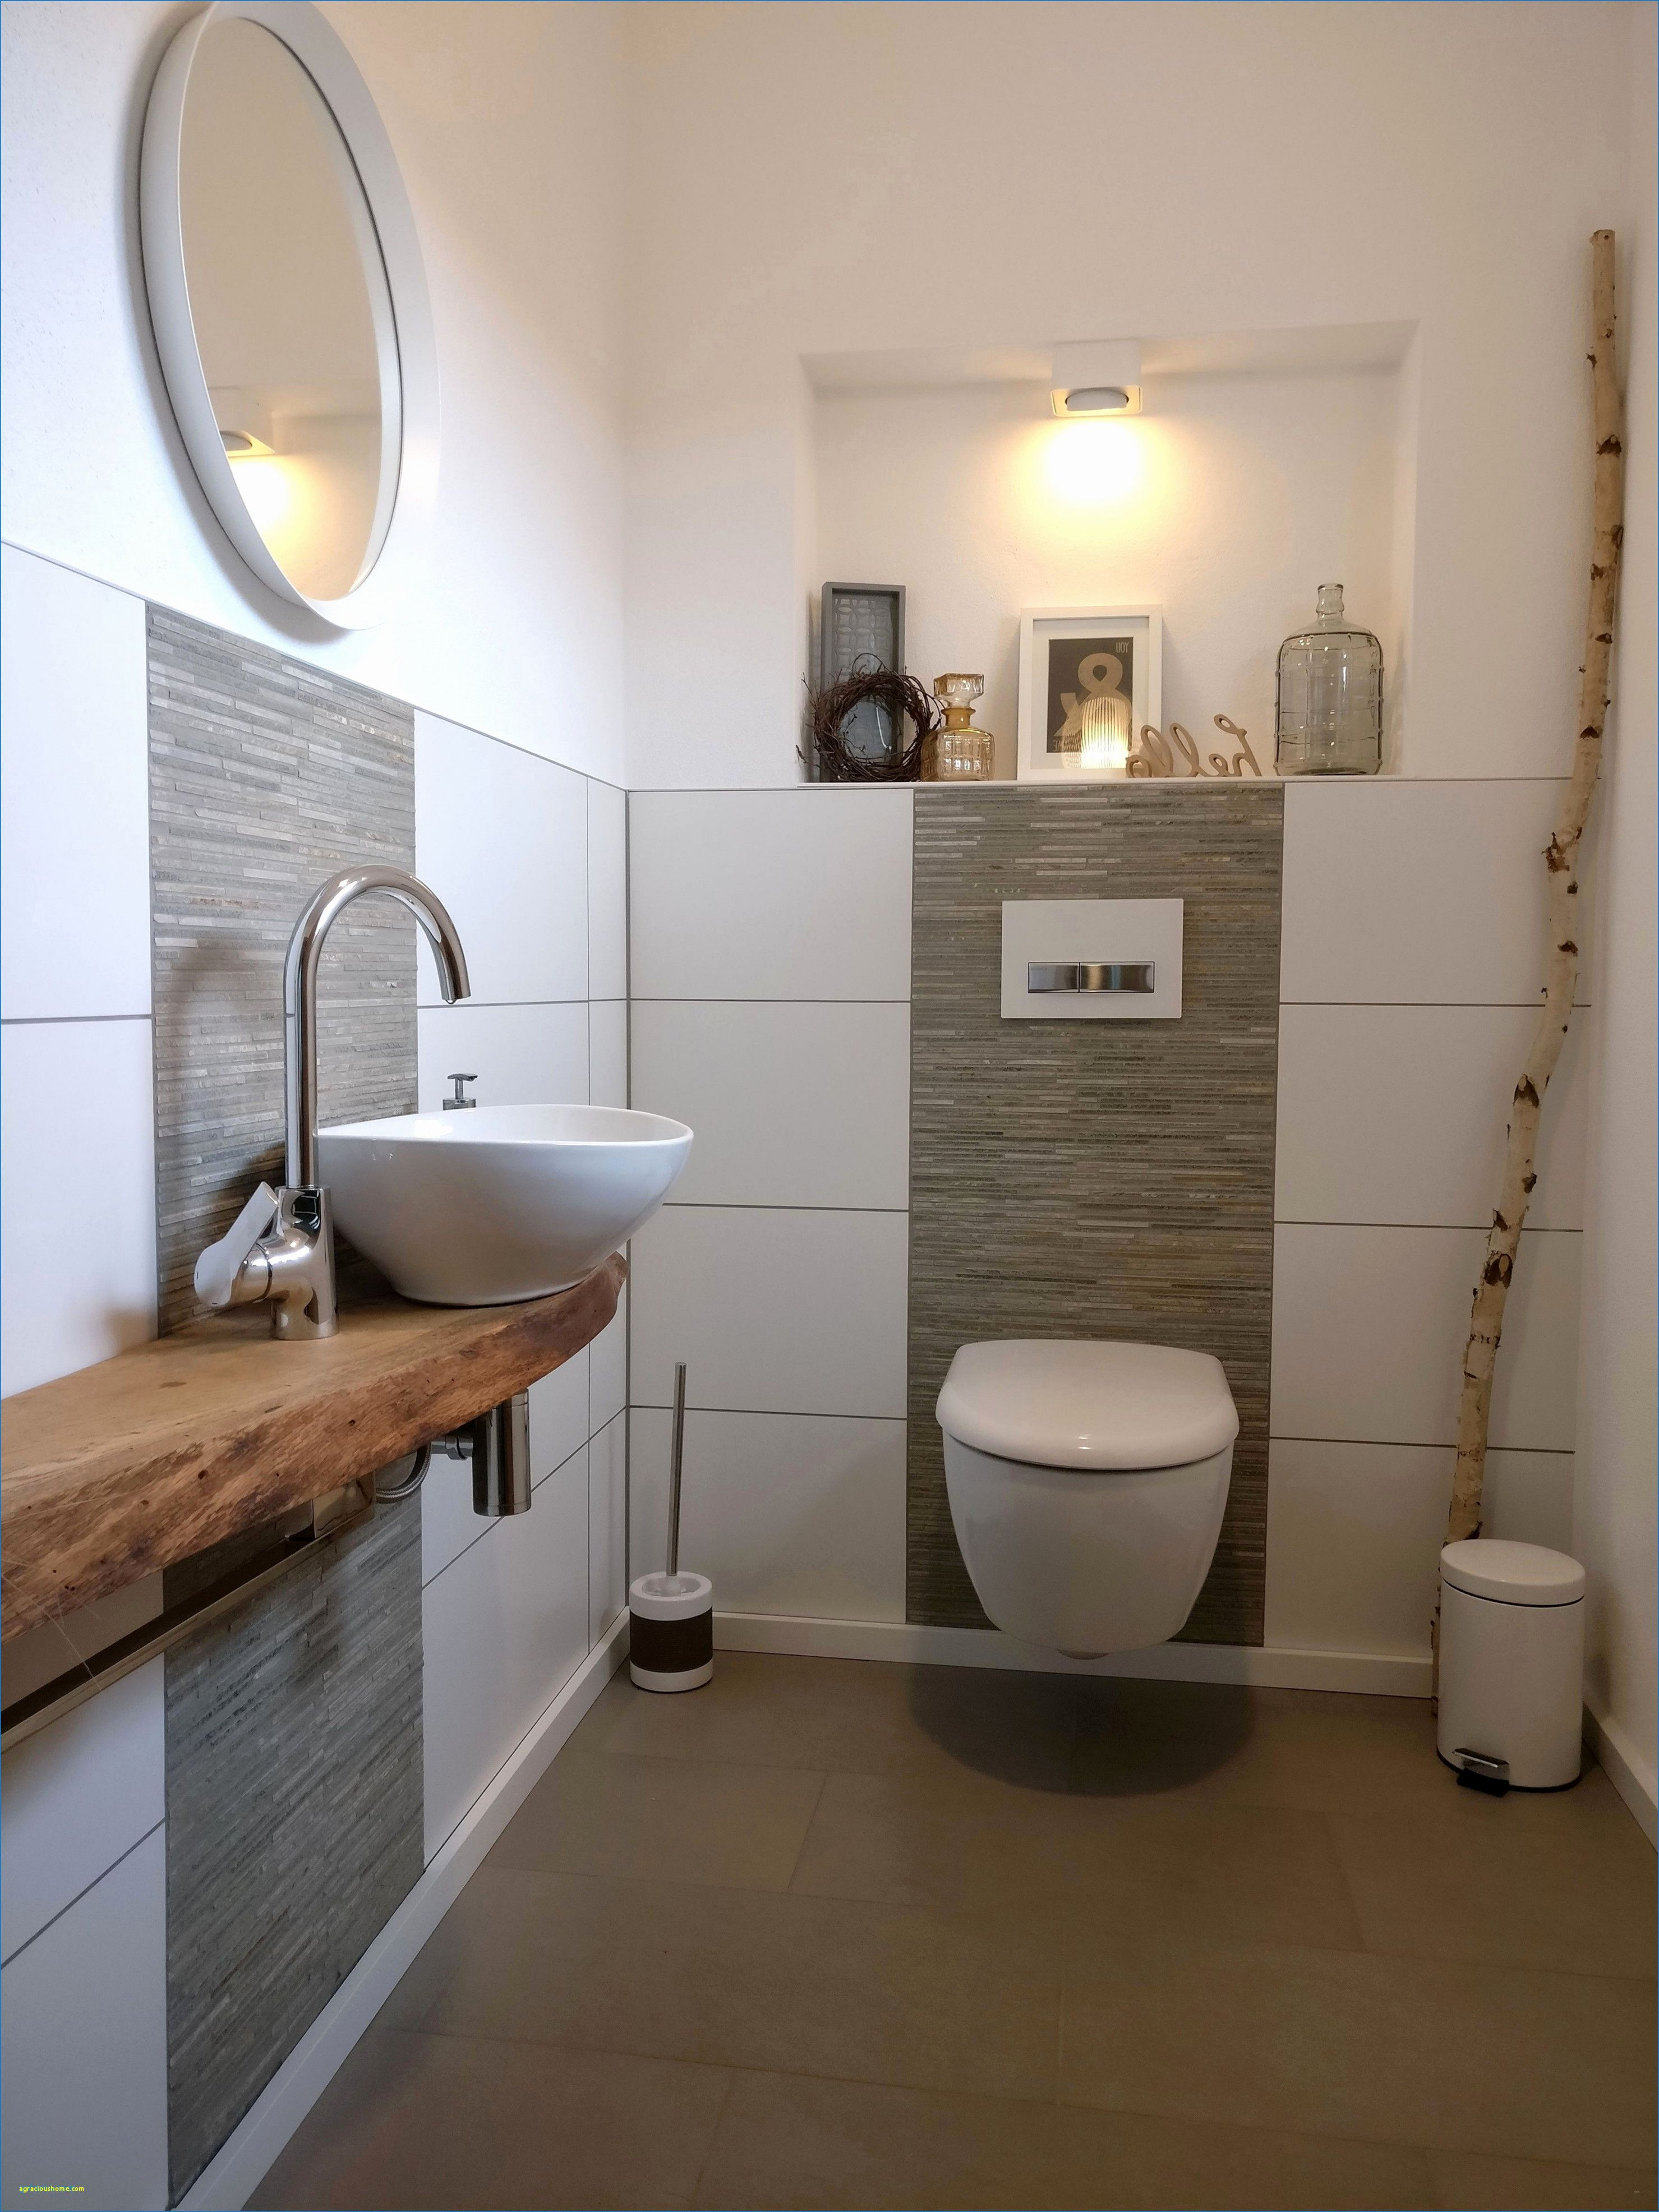 Renovierung Haus Ideen Wohnzimmer